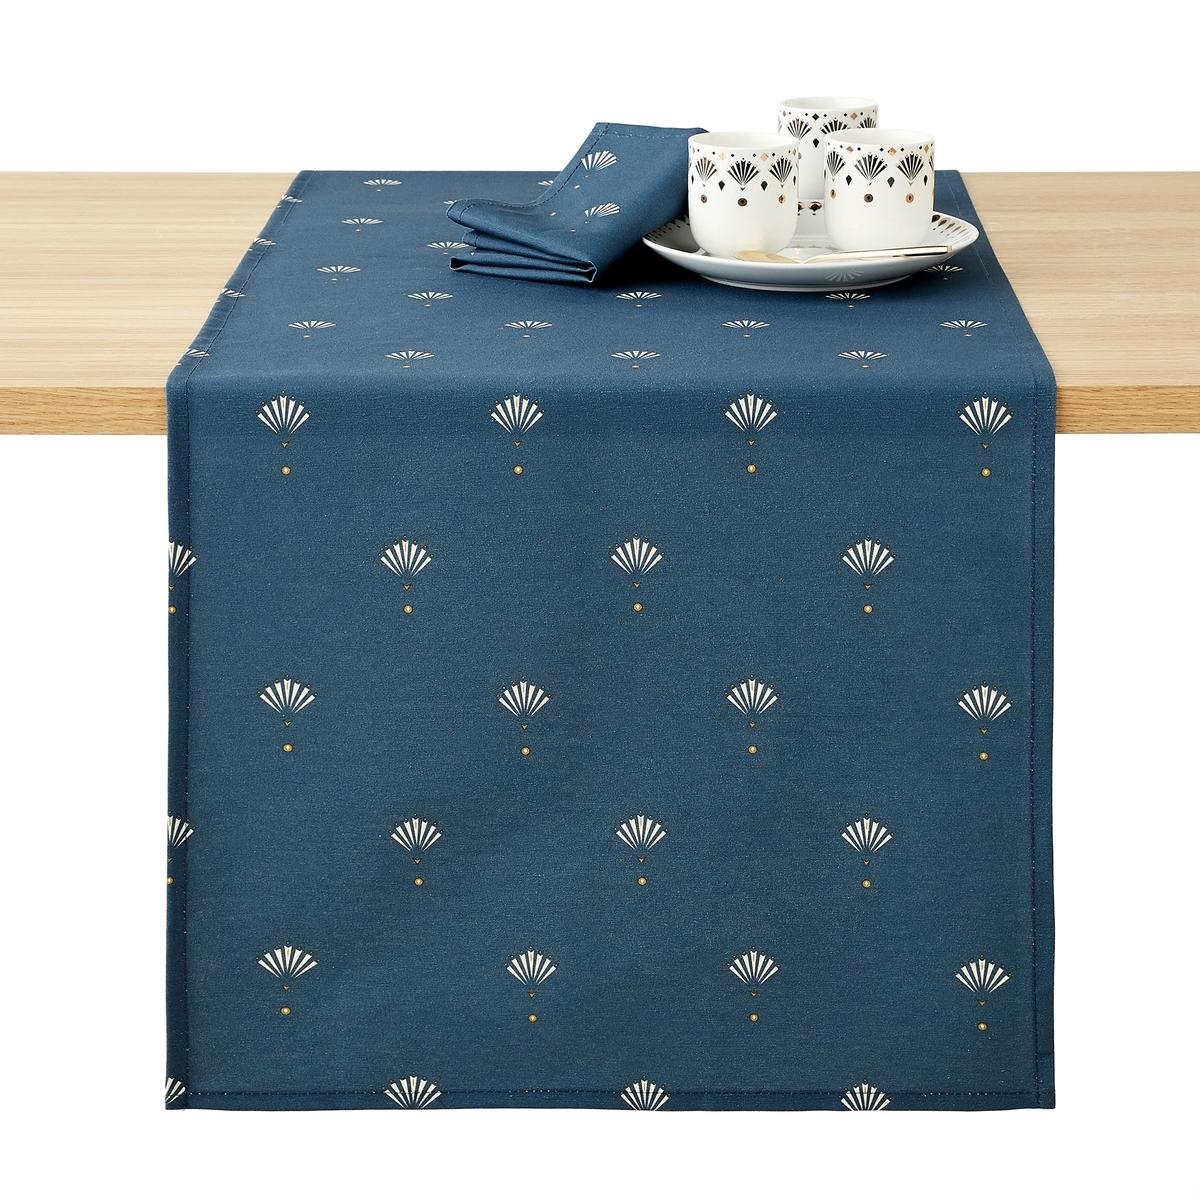 цена Дорожка La Redoute Столовая ventail Bleu 45 x 150 см синий онлайн в 2017 году